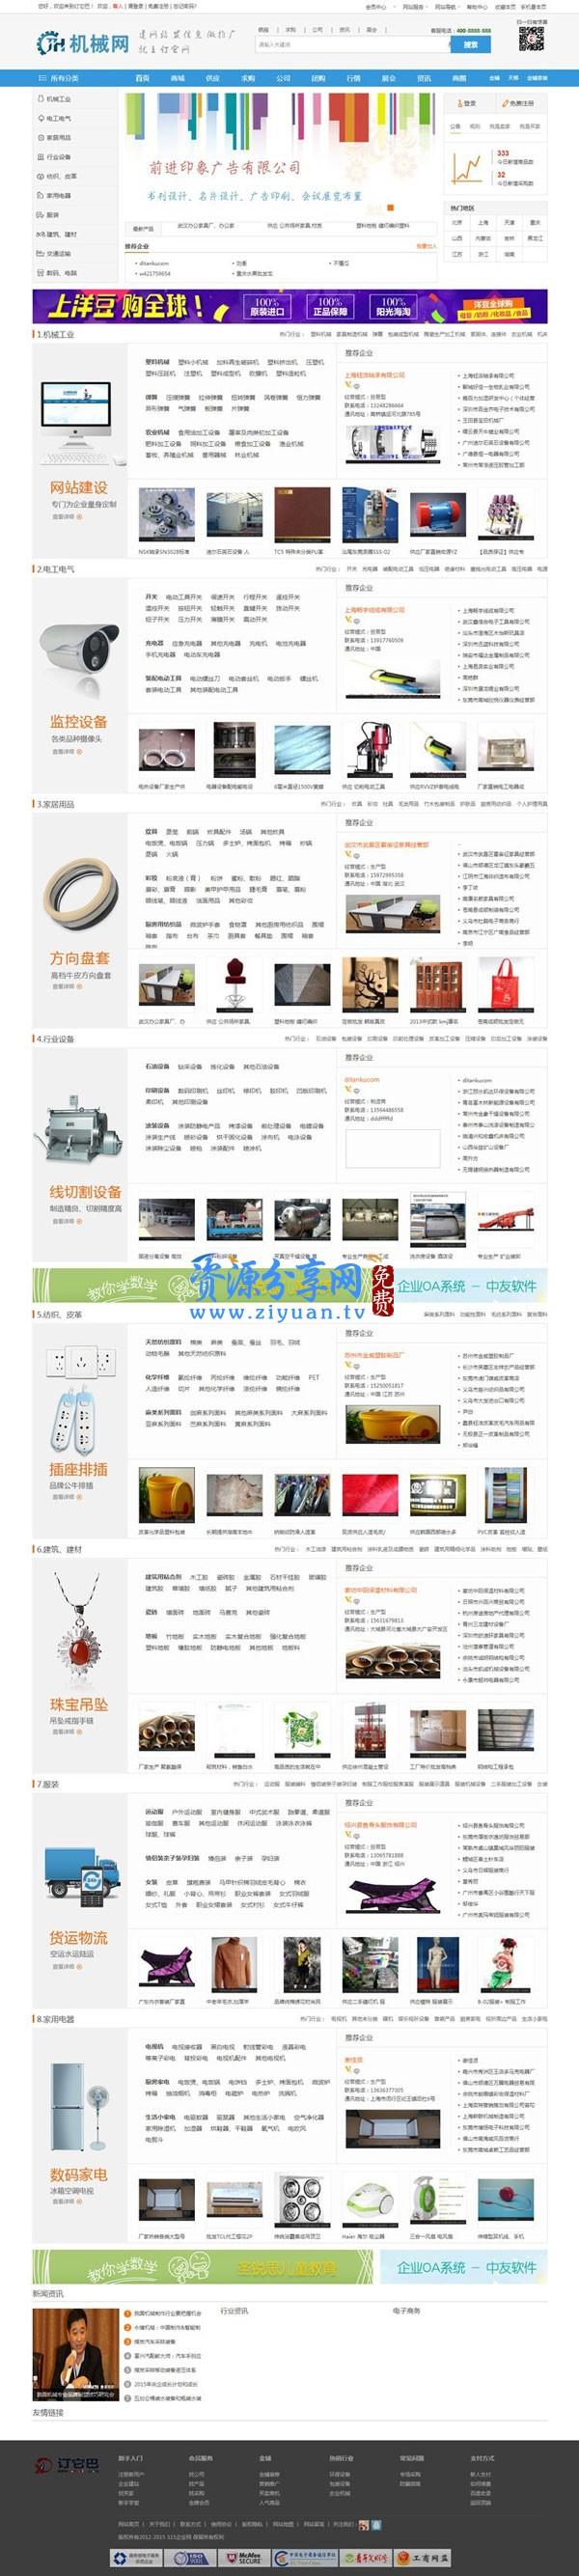 2018 最新 Destoon6.0 蓝色风格仿企汇网大气 B2B 网站模板源码